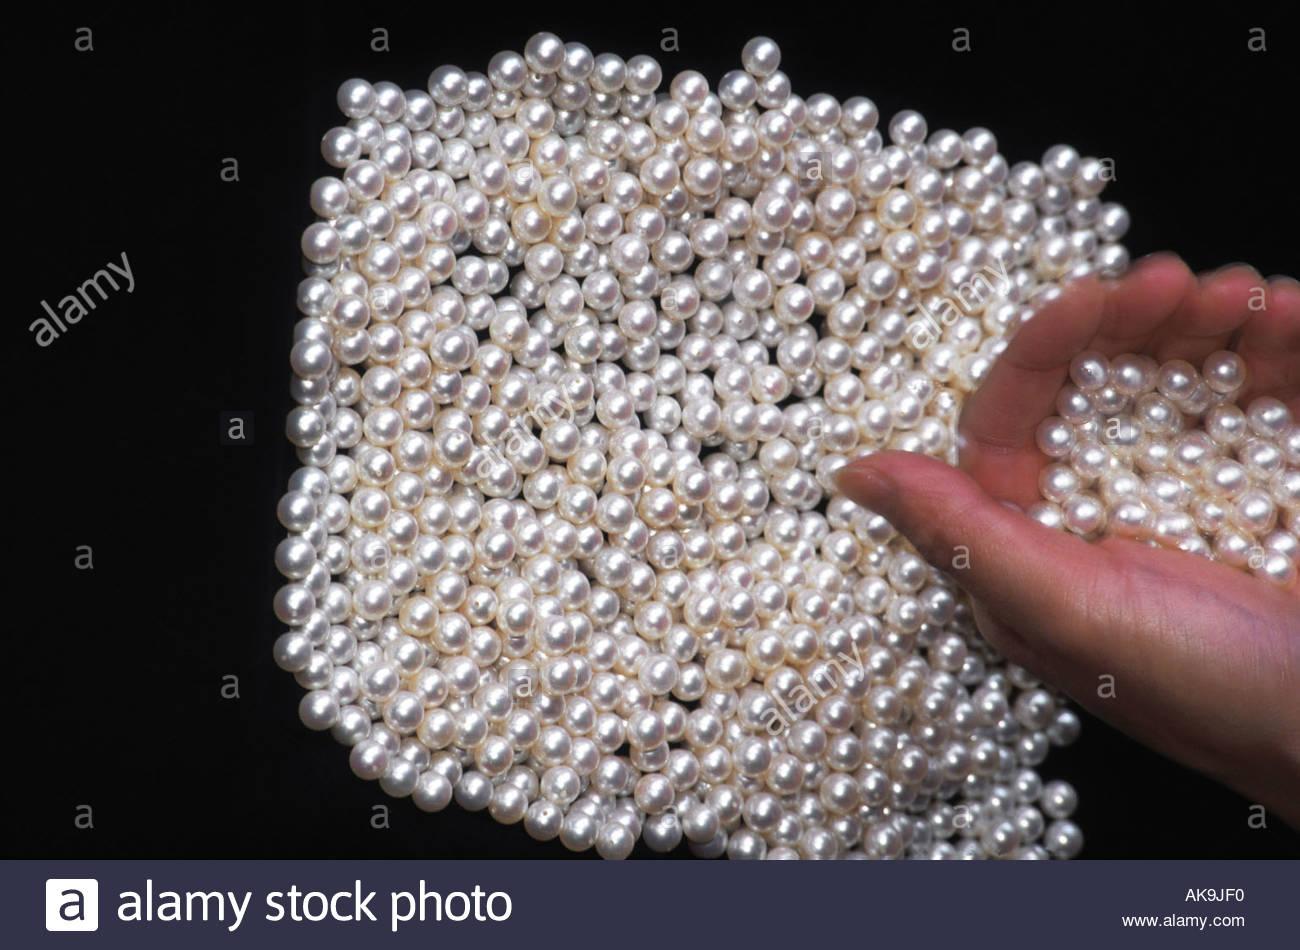 40b246e9e1ed Japan Mikimoto cultured pearls Stock Photo  4873967 - Alamy